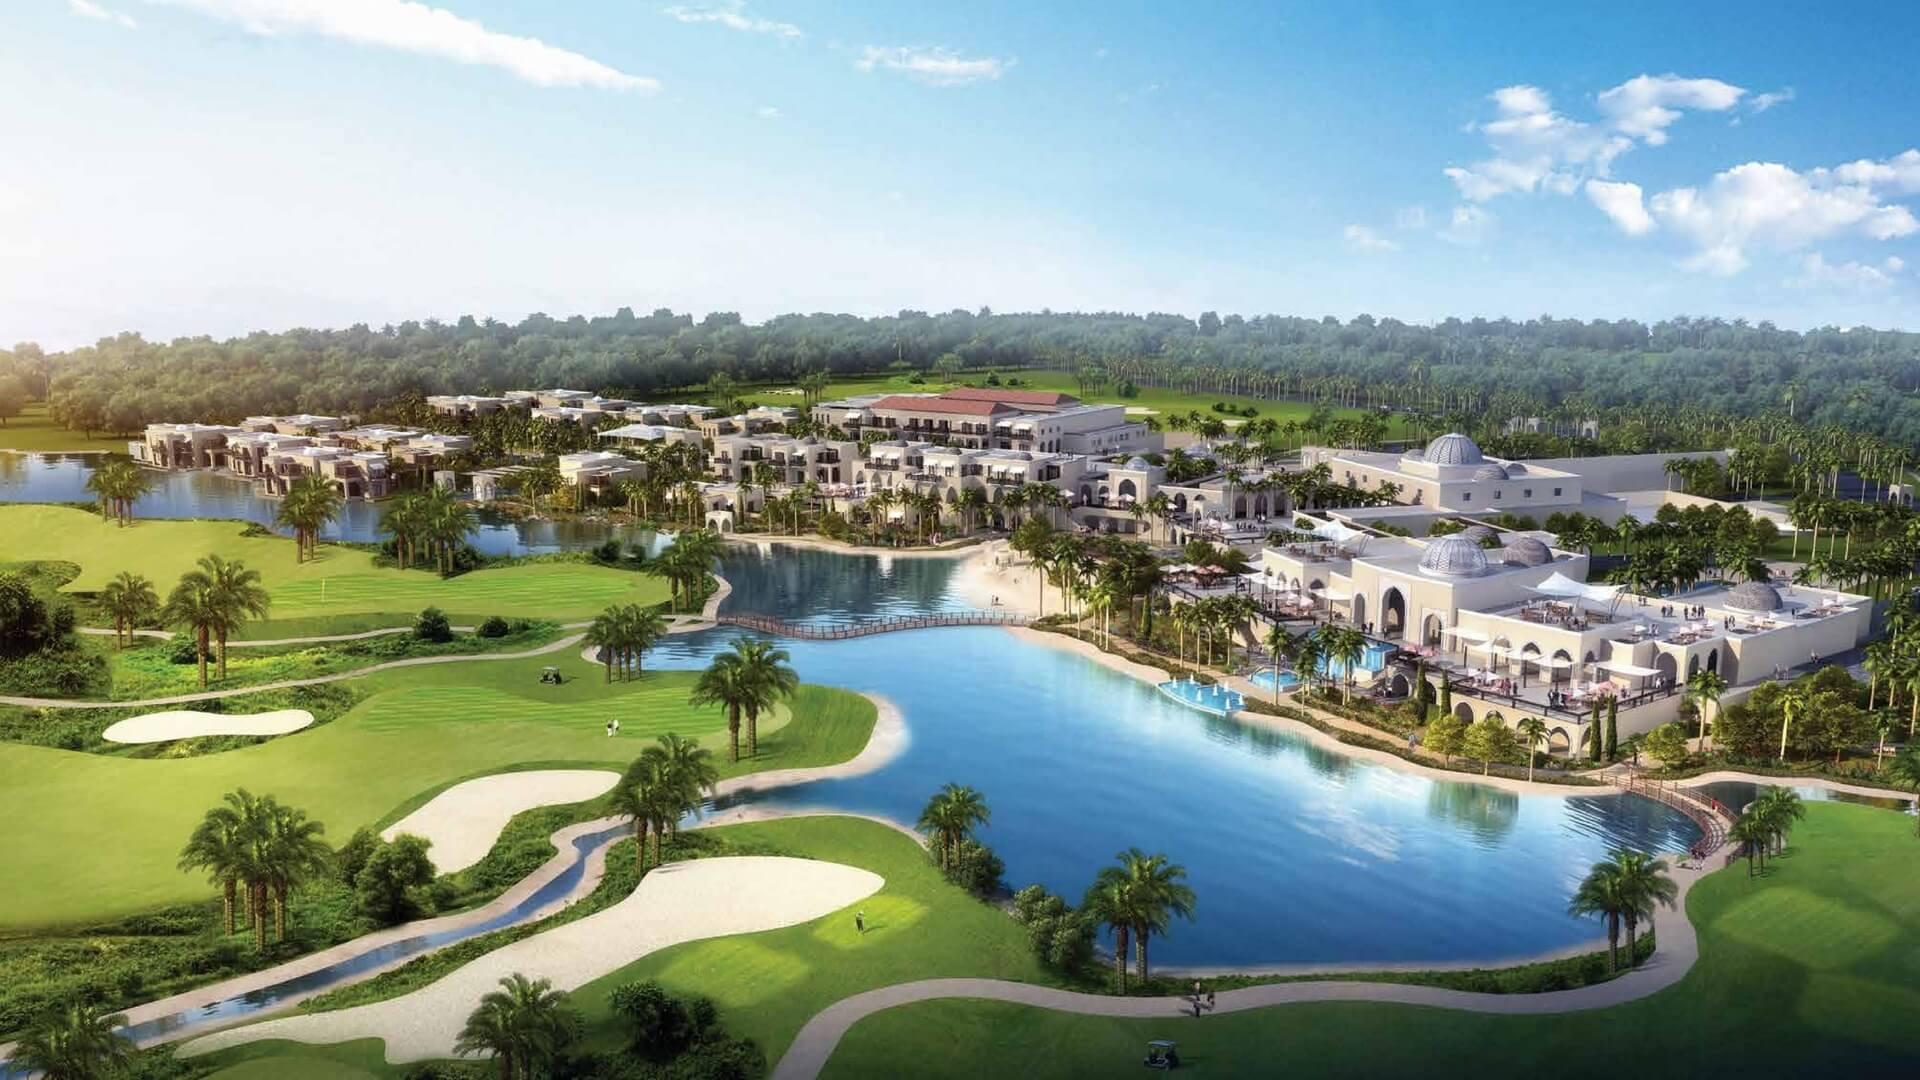 Adosado en venta en Dubai, EAU, 3 dormitorios, 175 m2, № 24053 – foto 4